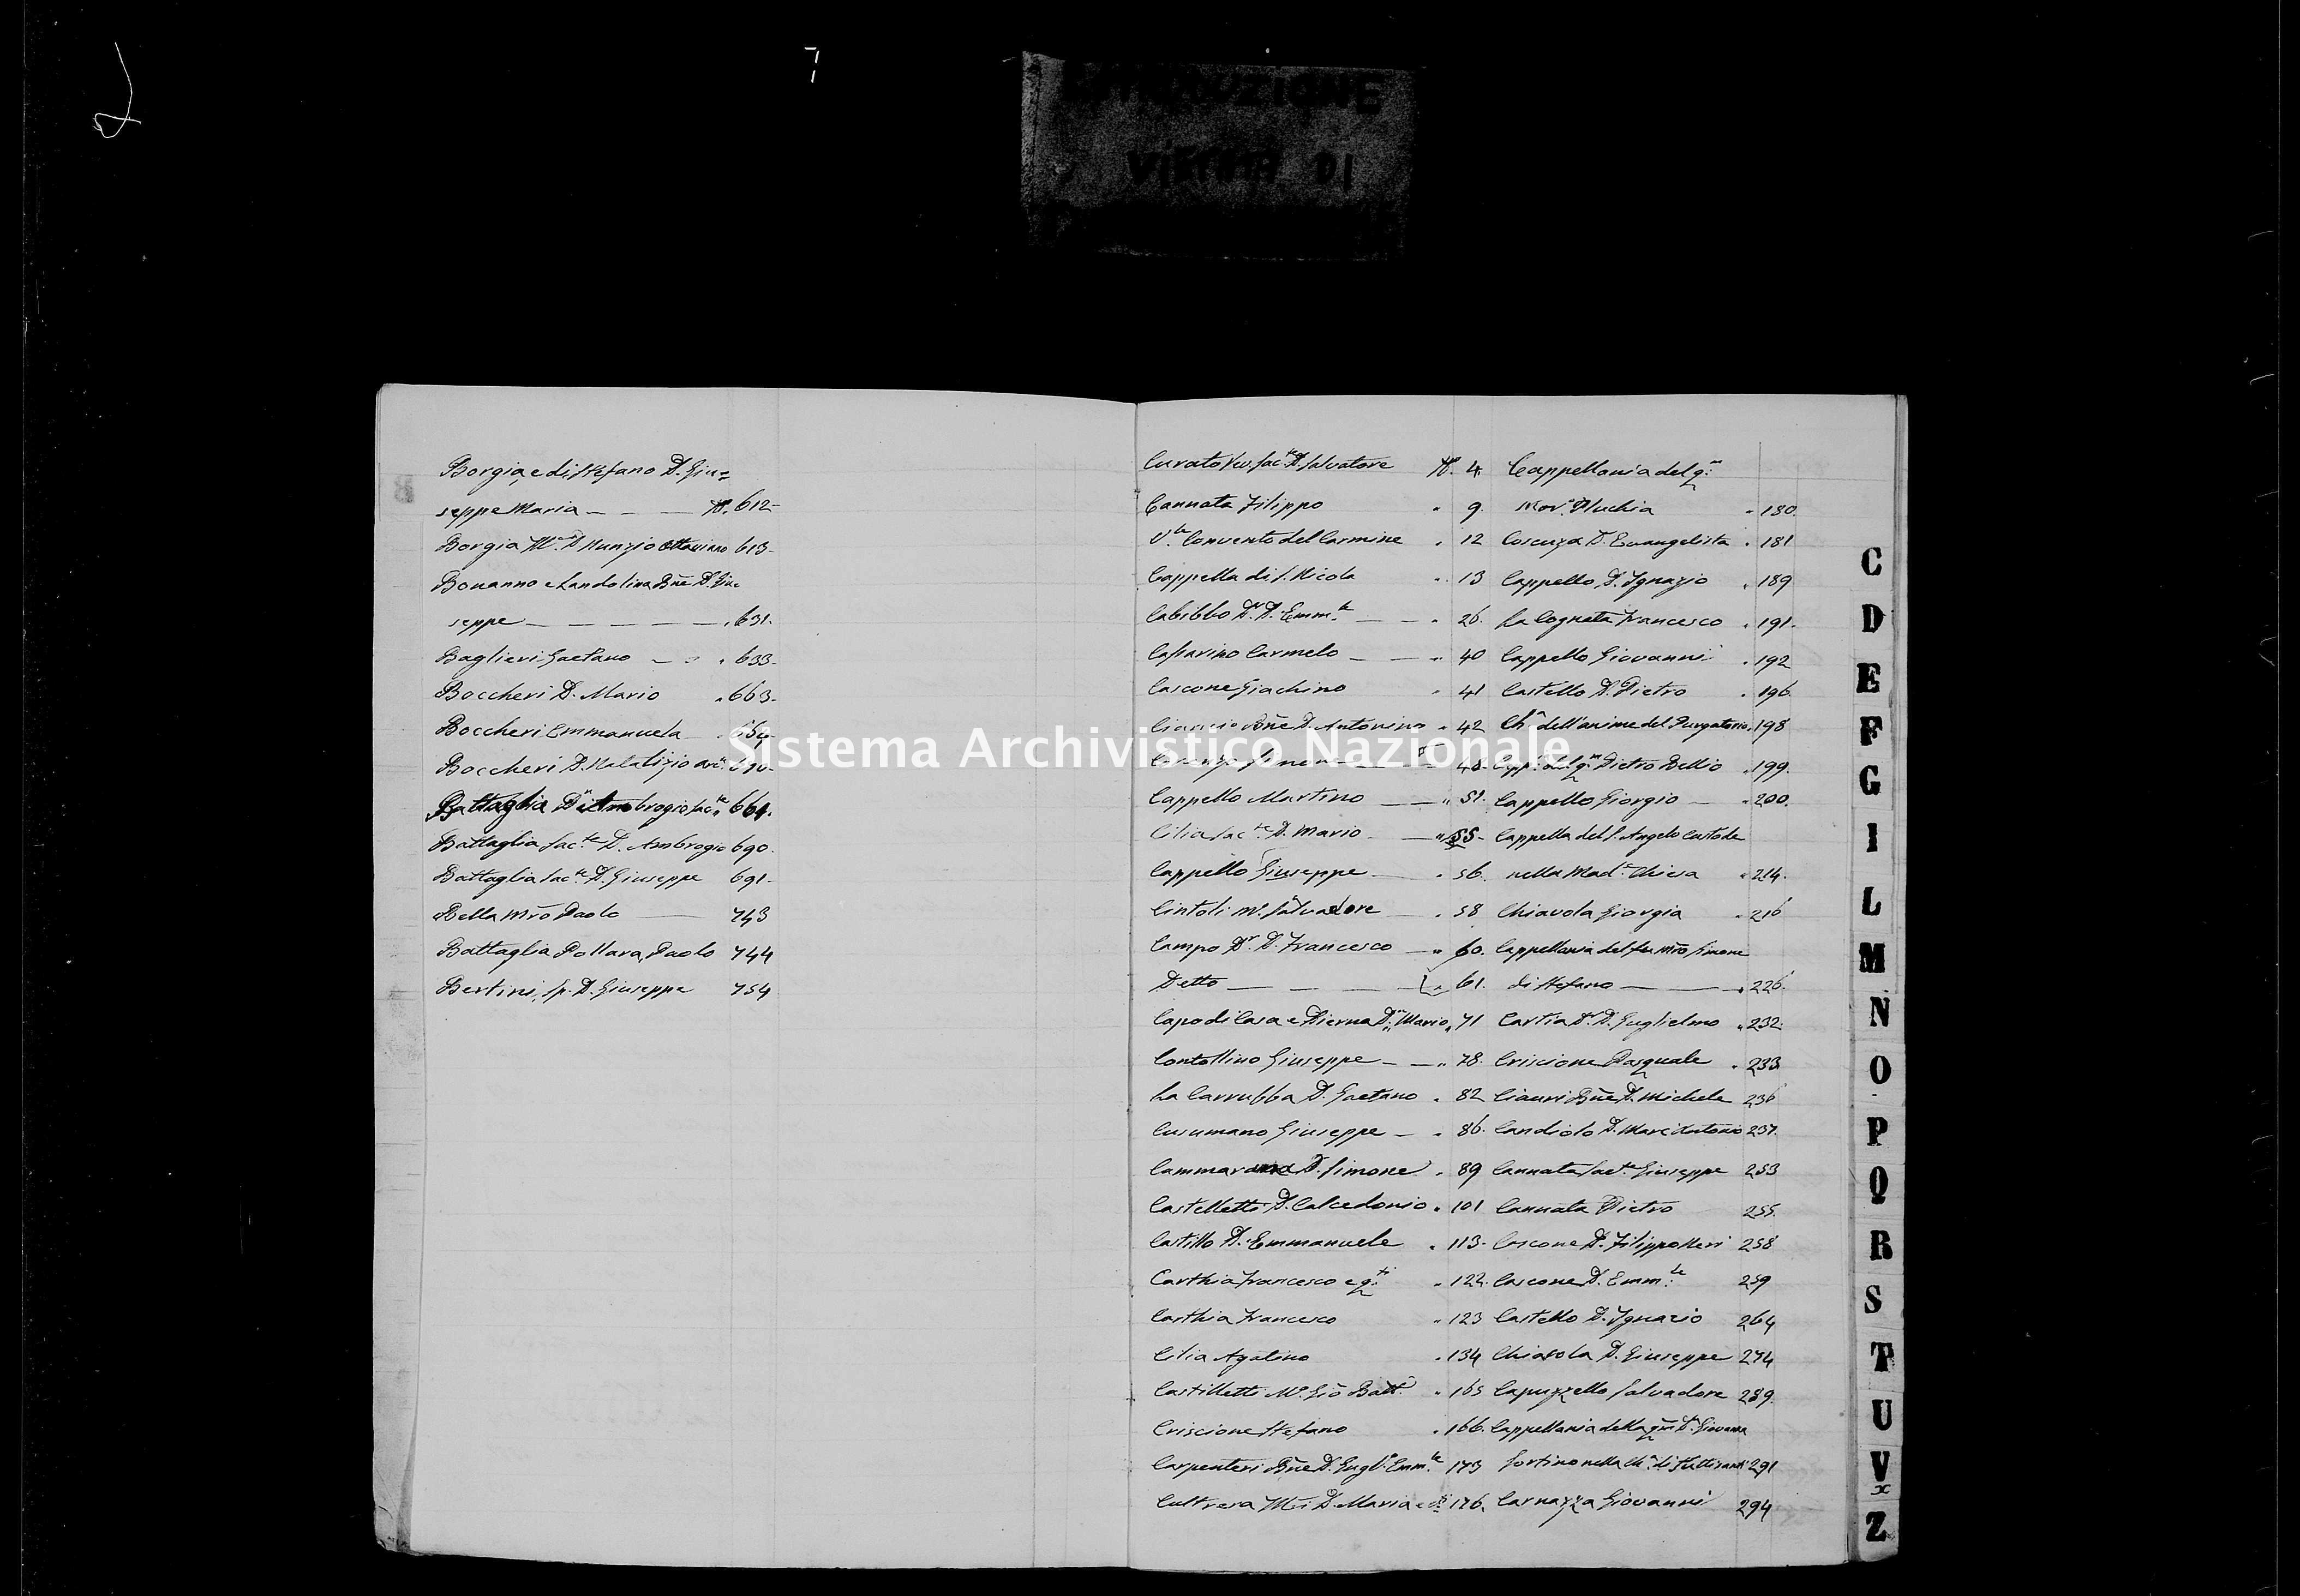 Archivio di Stato di Palermo, Tribunale del Real patrimonio, Riveli di beni ed anime, Comuni della provincia di Ragusa